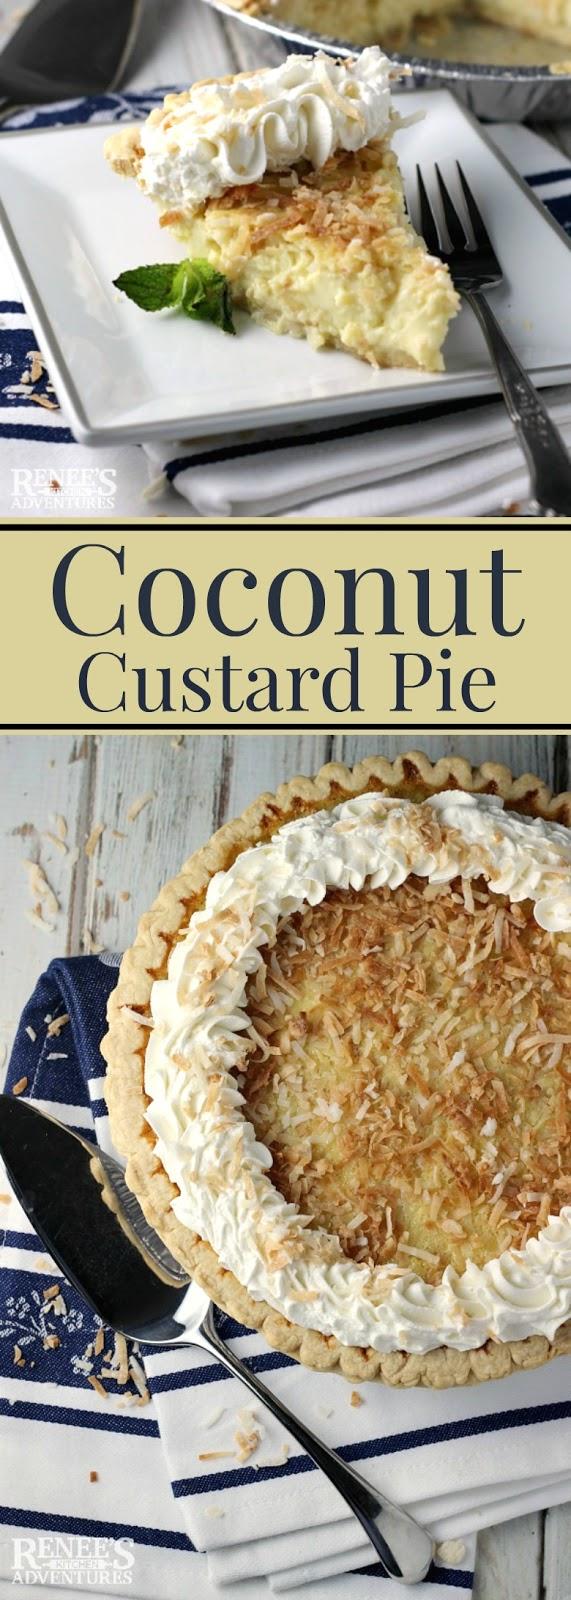 Coconut custard pie renee 39 s kitchen adventures for Renee s kitchen